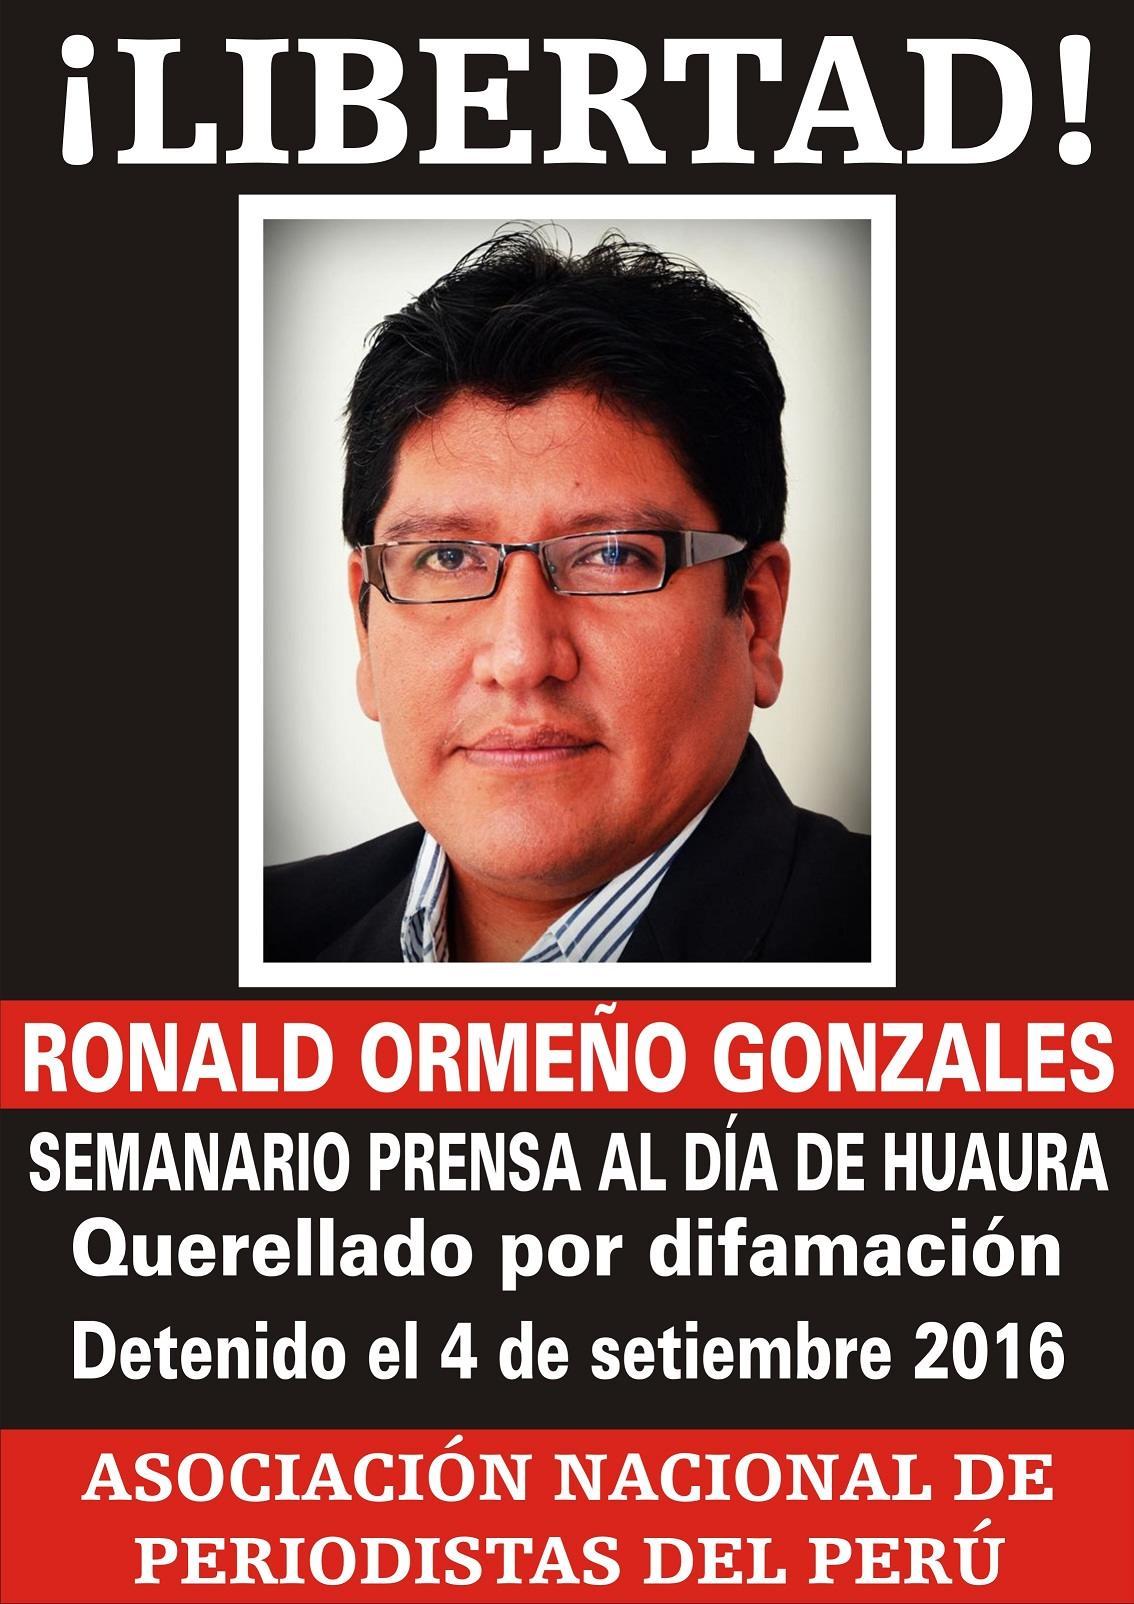 RONALD ORMeño